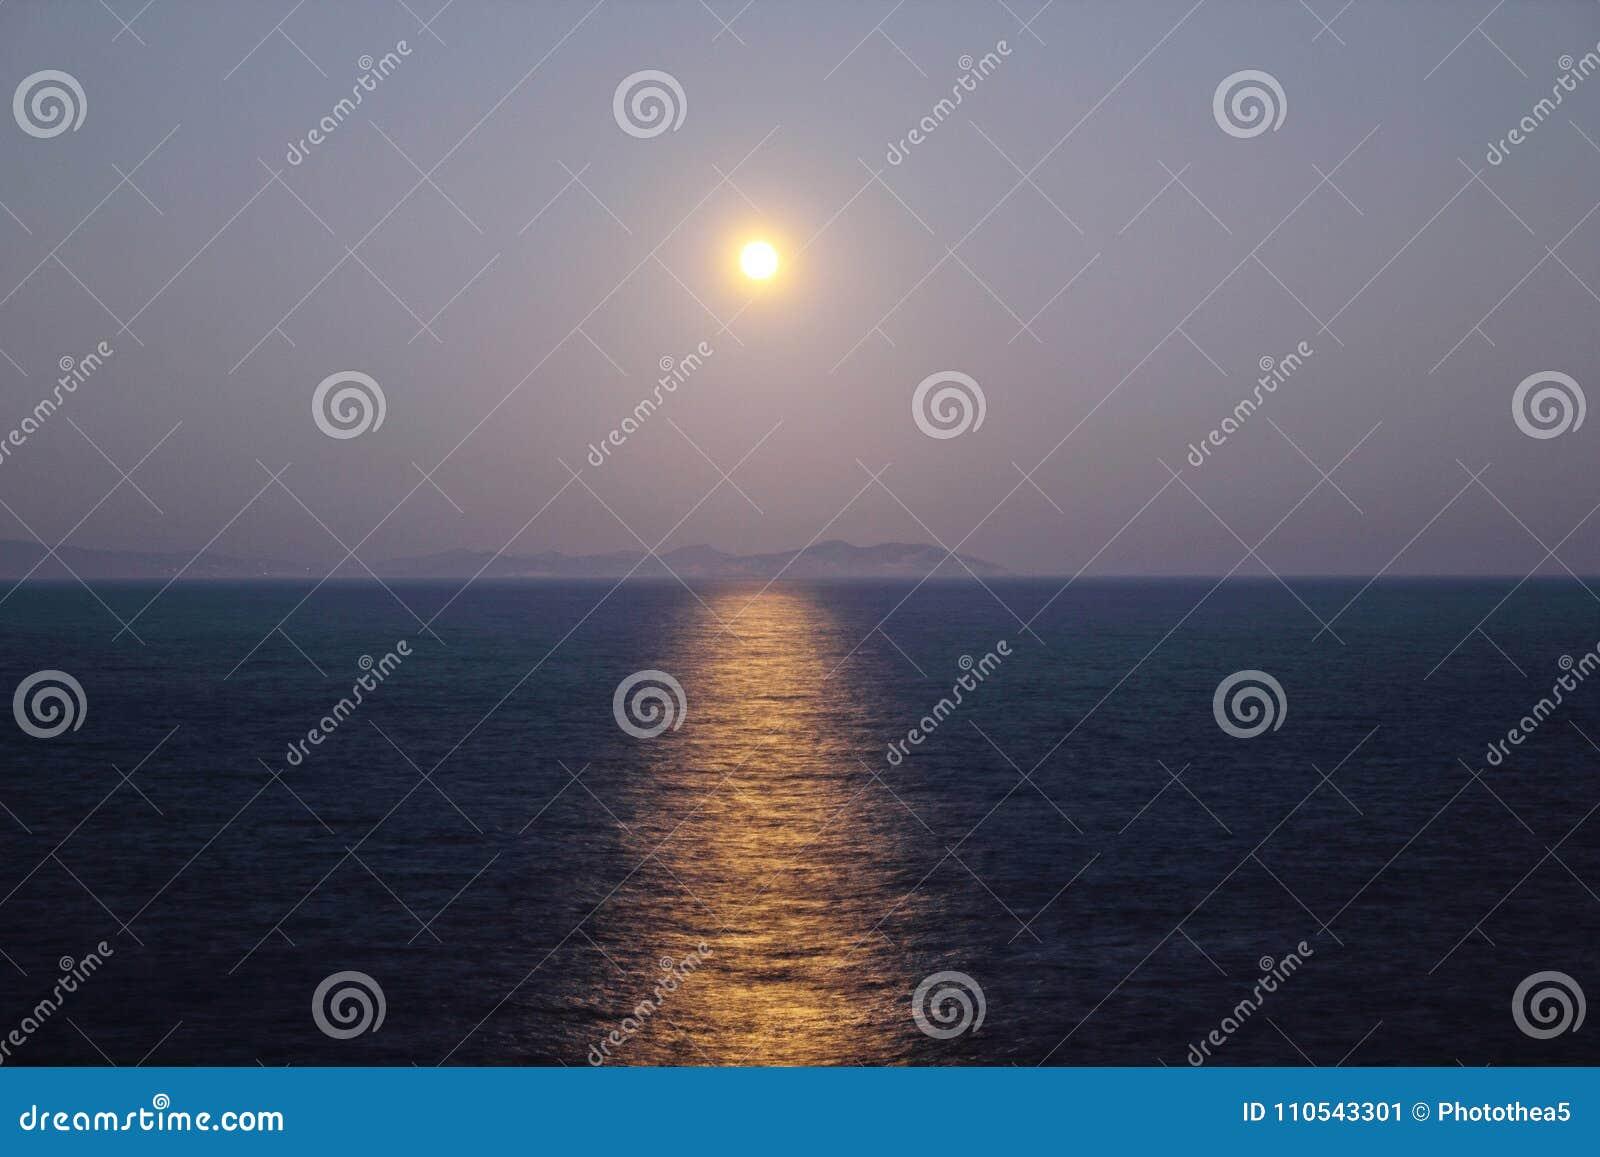 Grecja, Sifnos wyspa, widok księżyc w pełni nad morzem